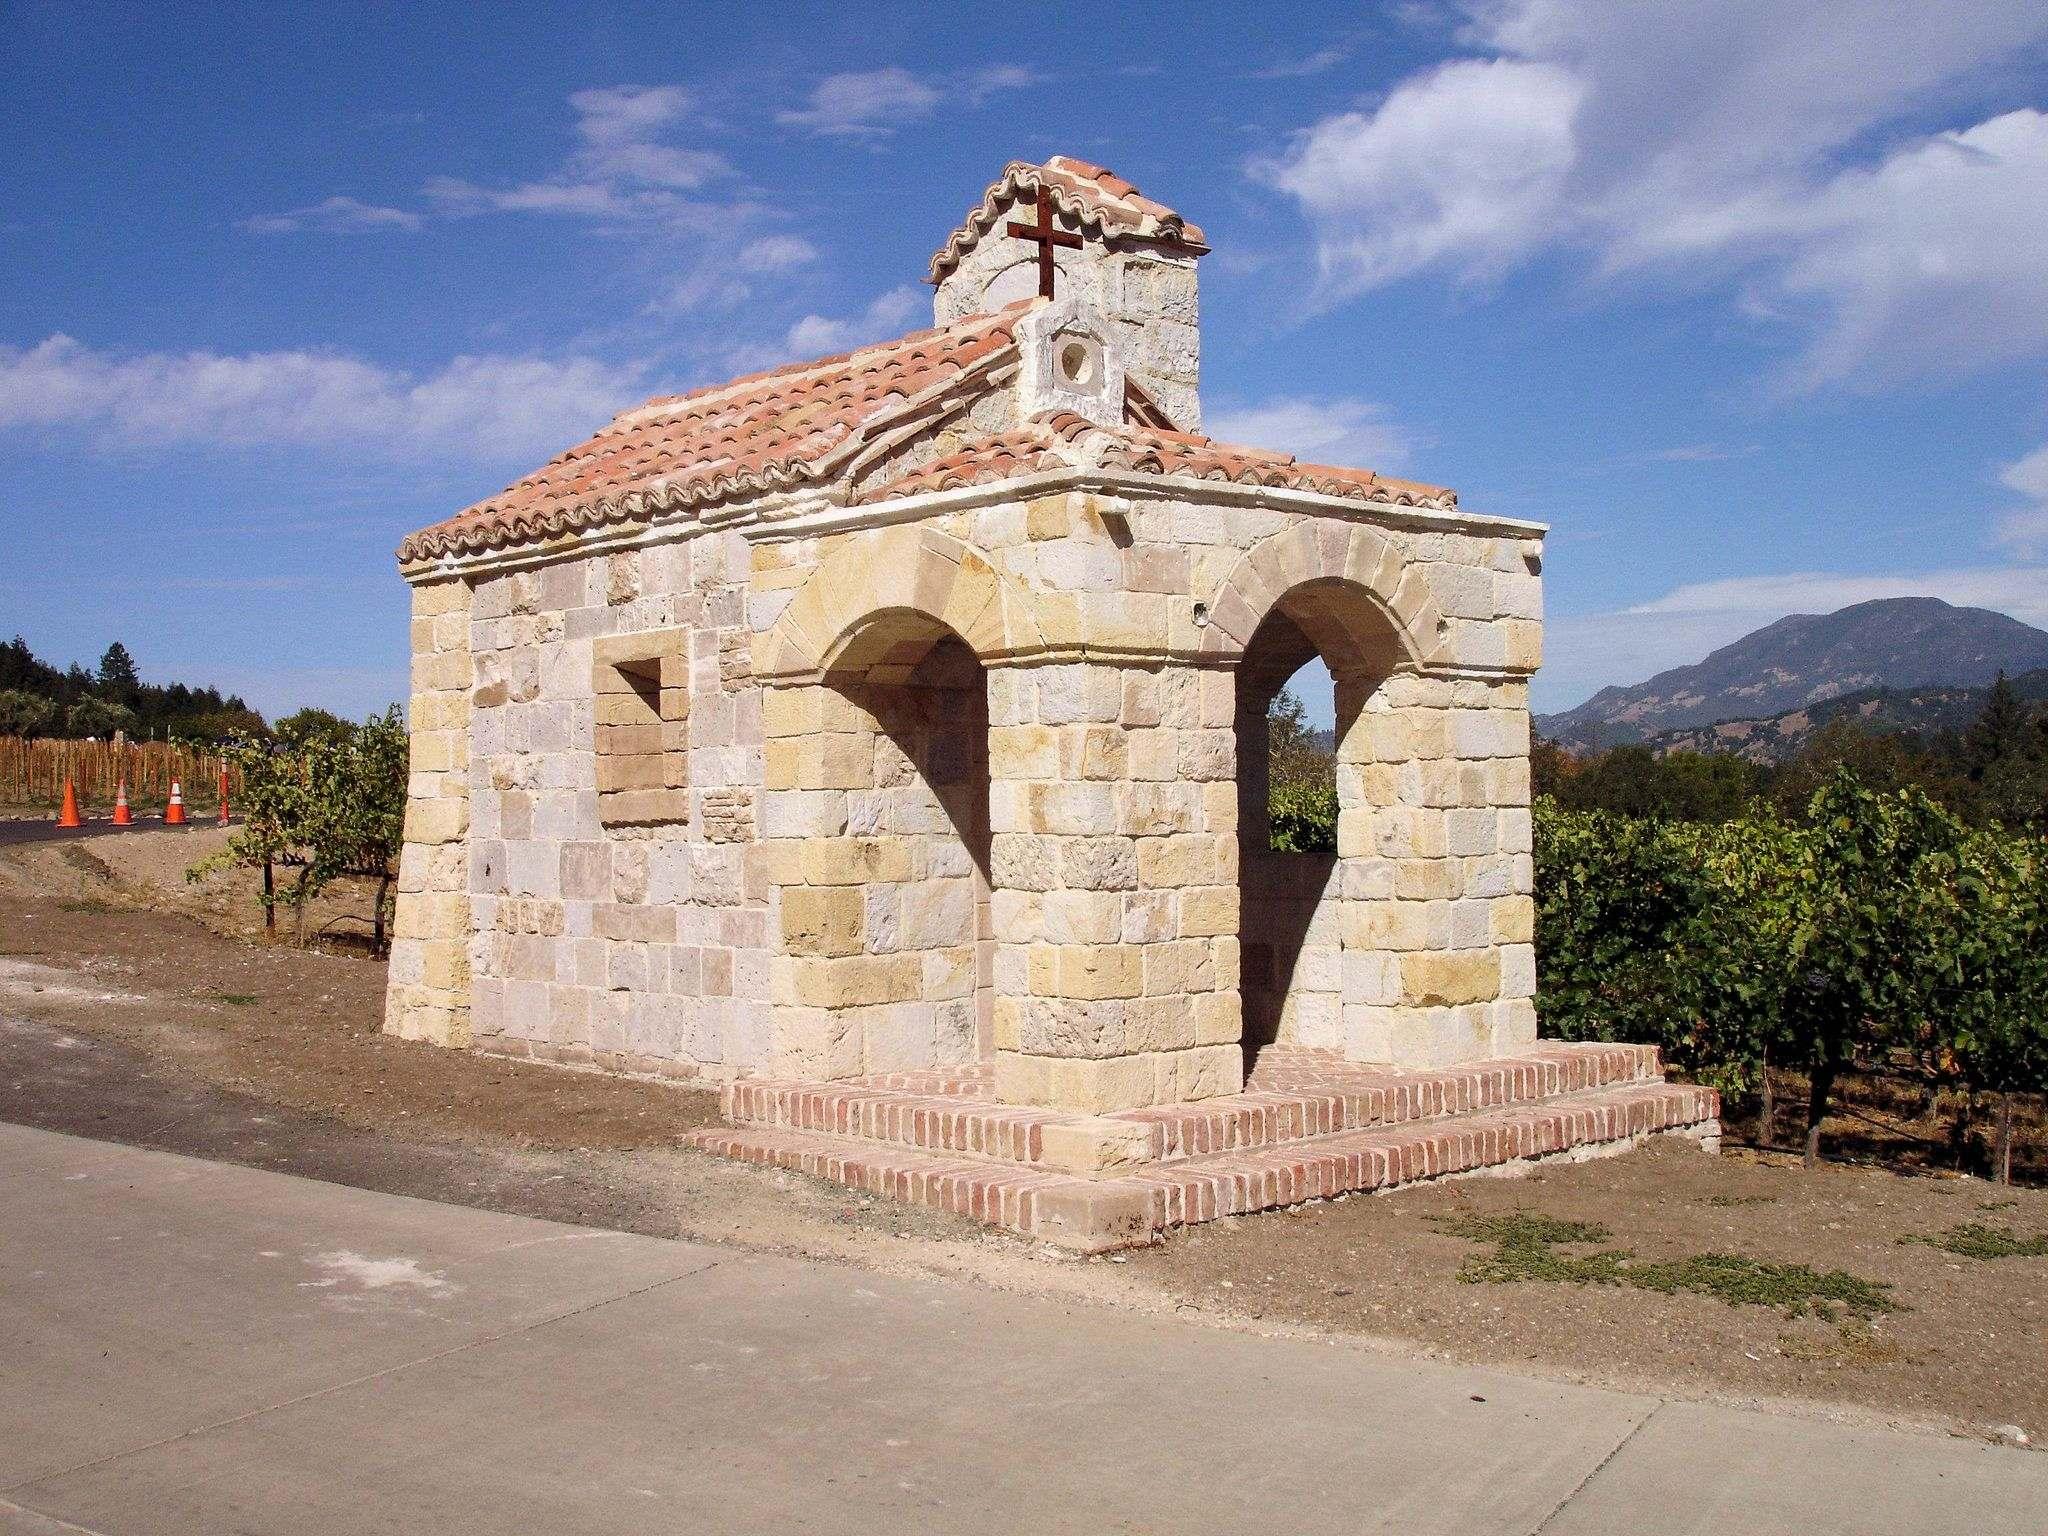 castello di amorosa5 Castello di Amorosa Winery in Napa Valley, California